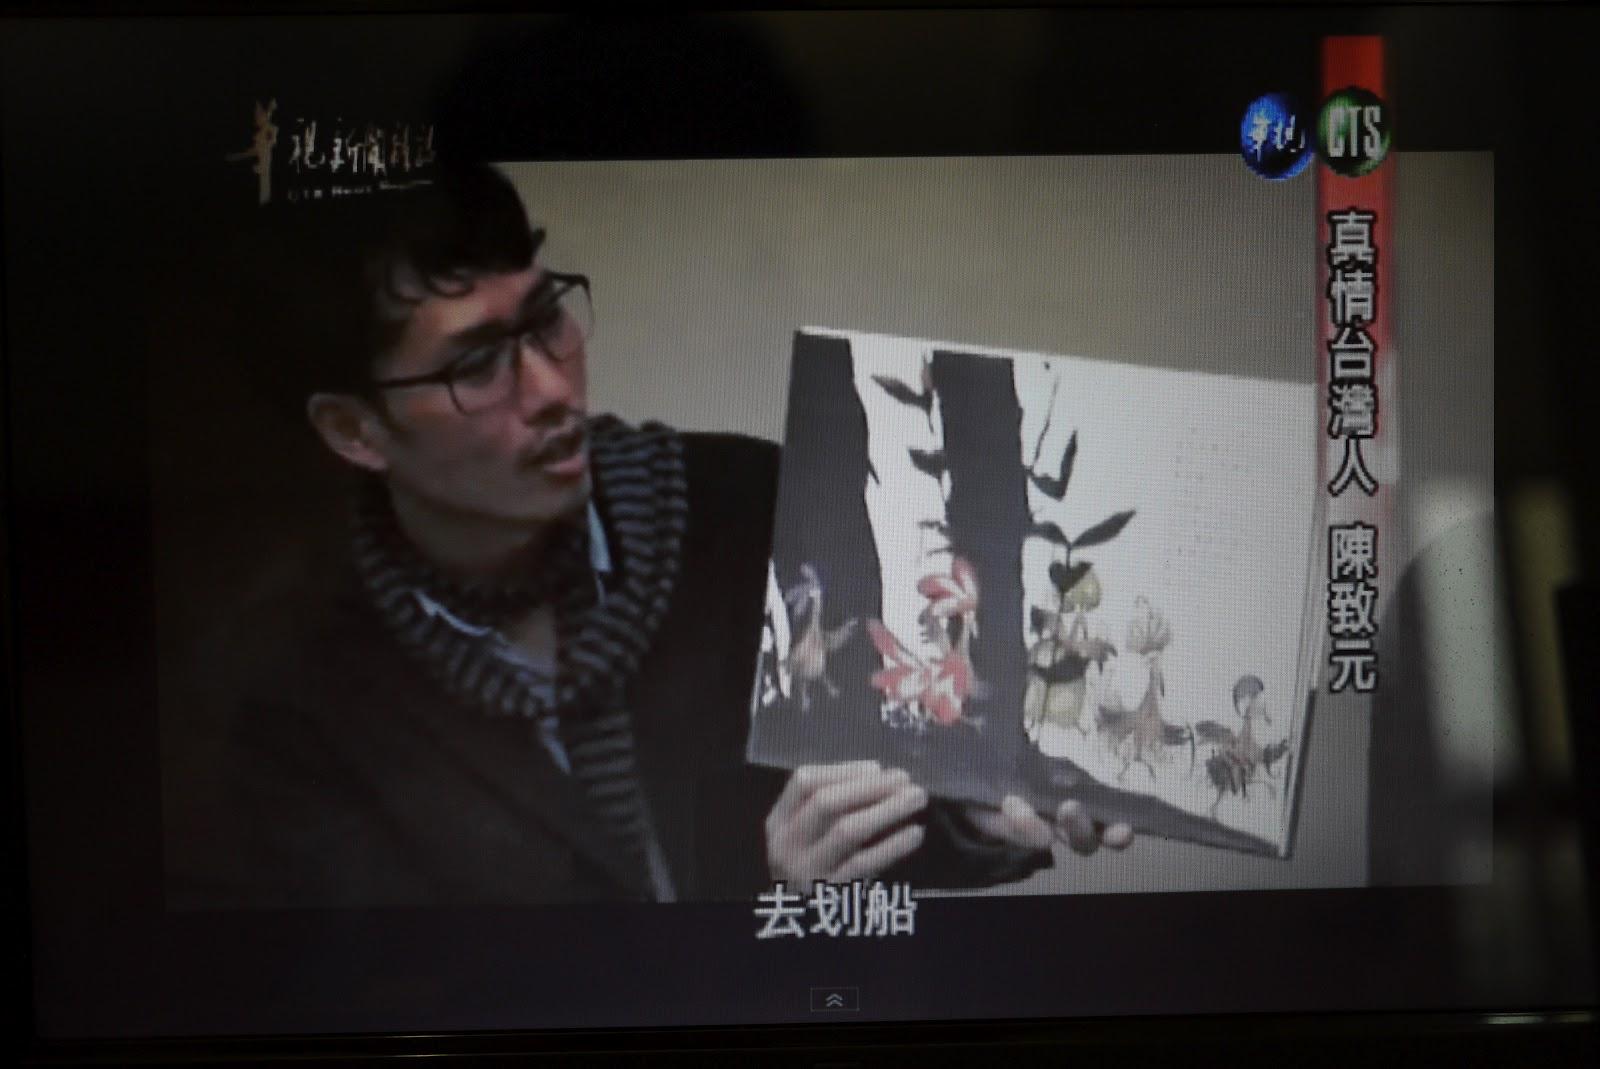 陳致元圖畫書: 華視新聞雜誌雜- 真情臺灣人陳致元